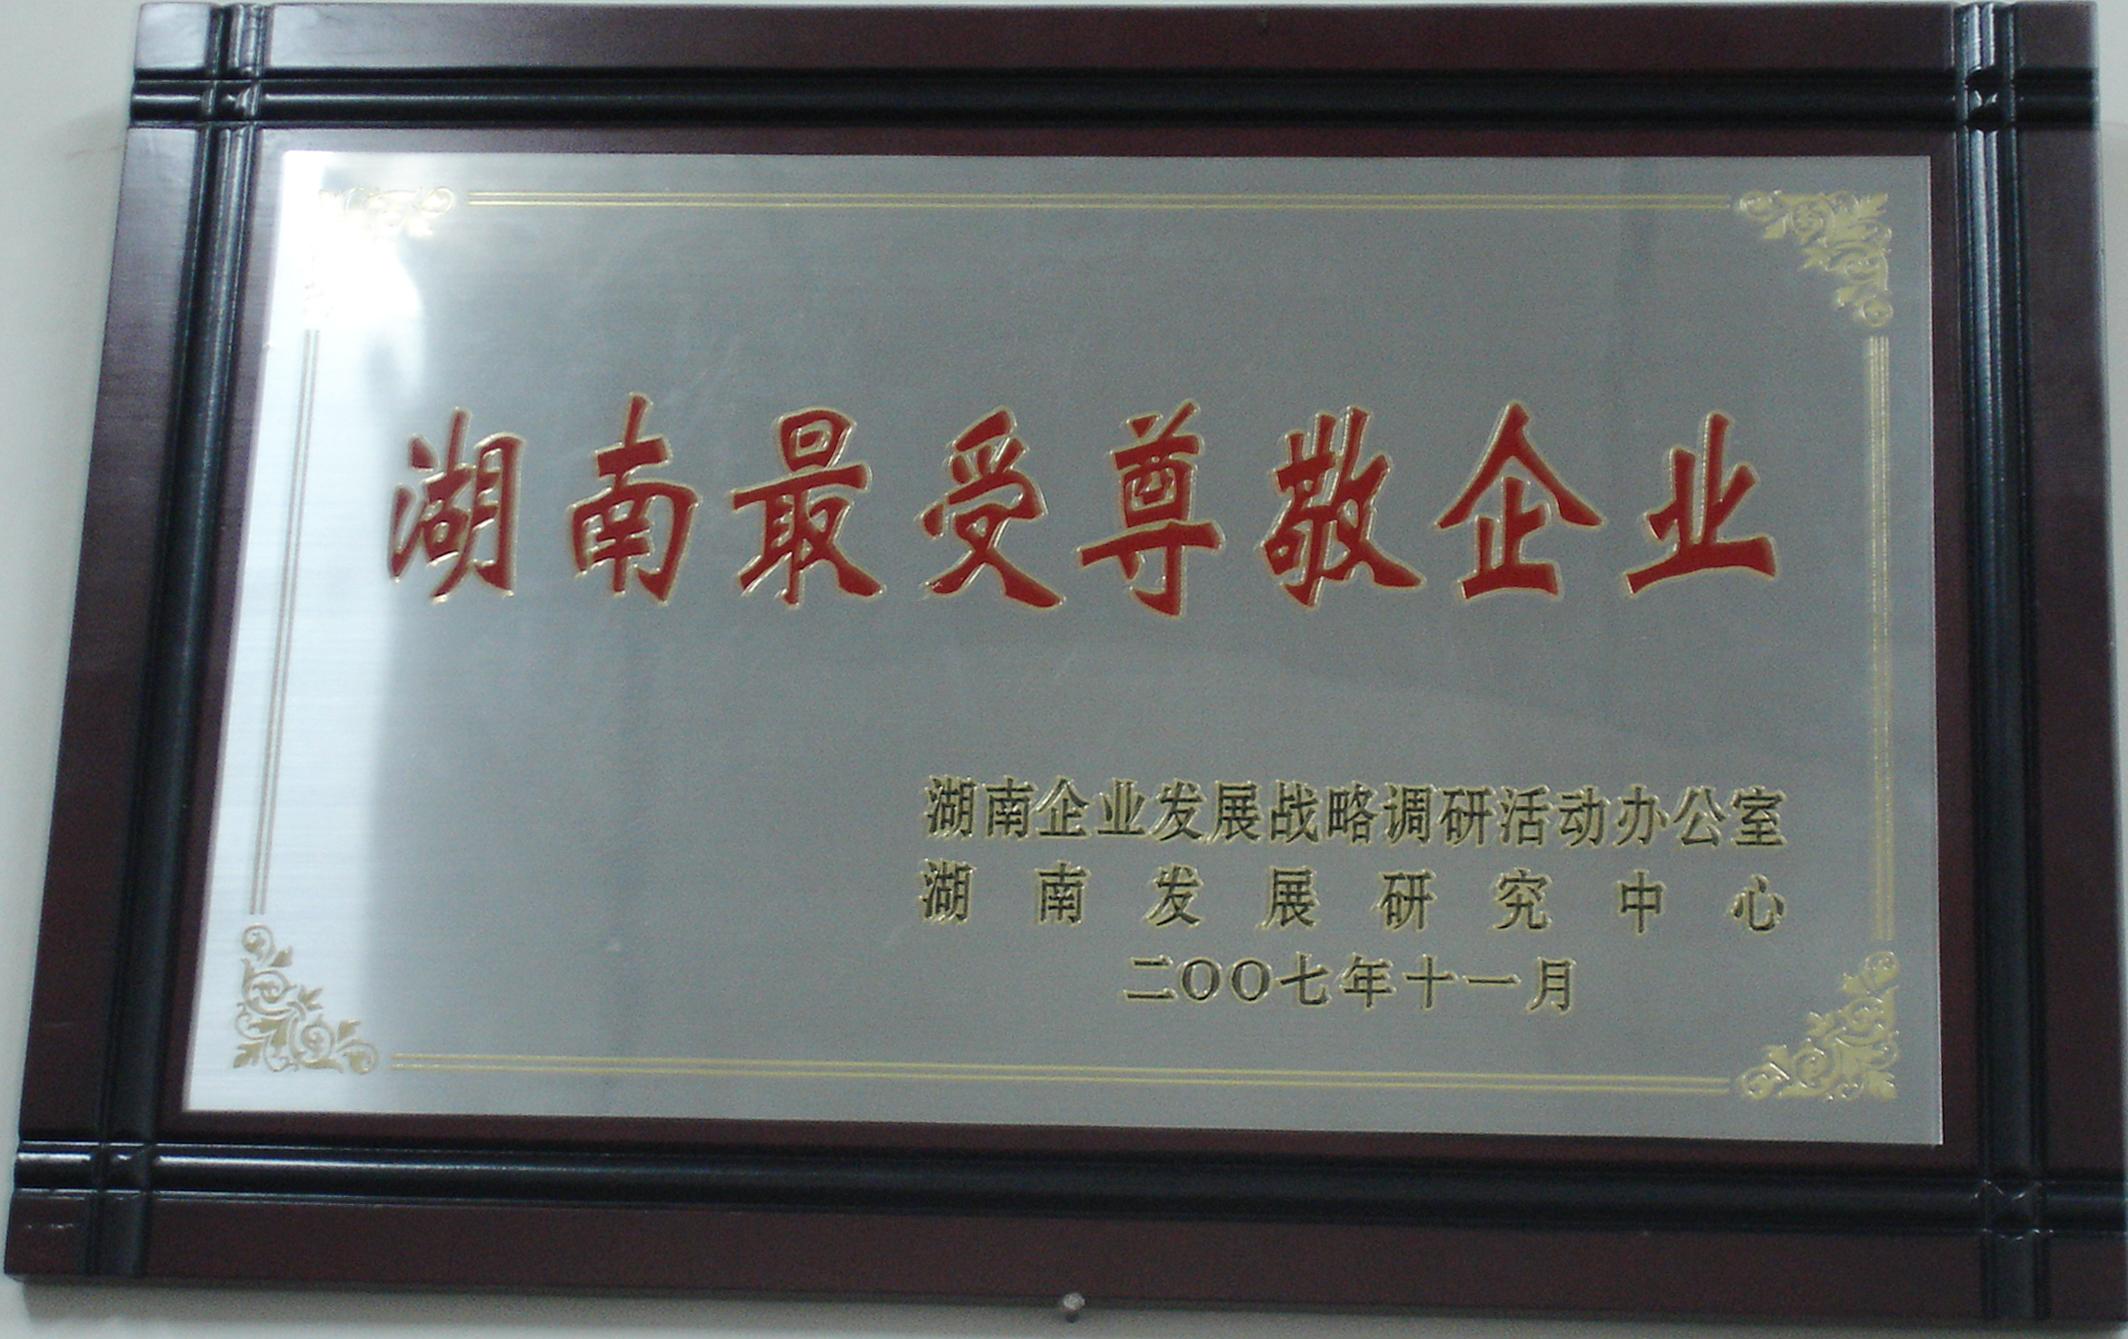 湖南最受尊敬企業Hunan'sMostAdmiredCompany